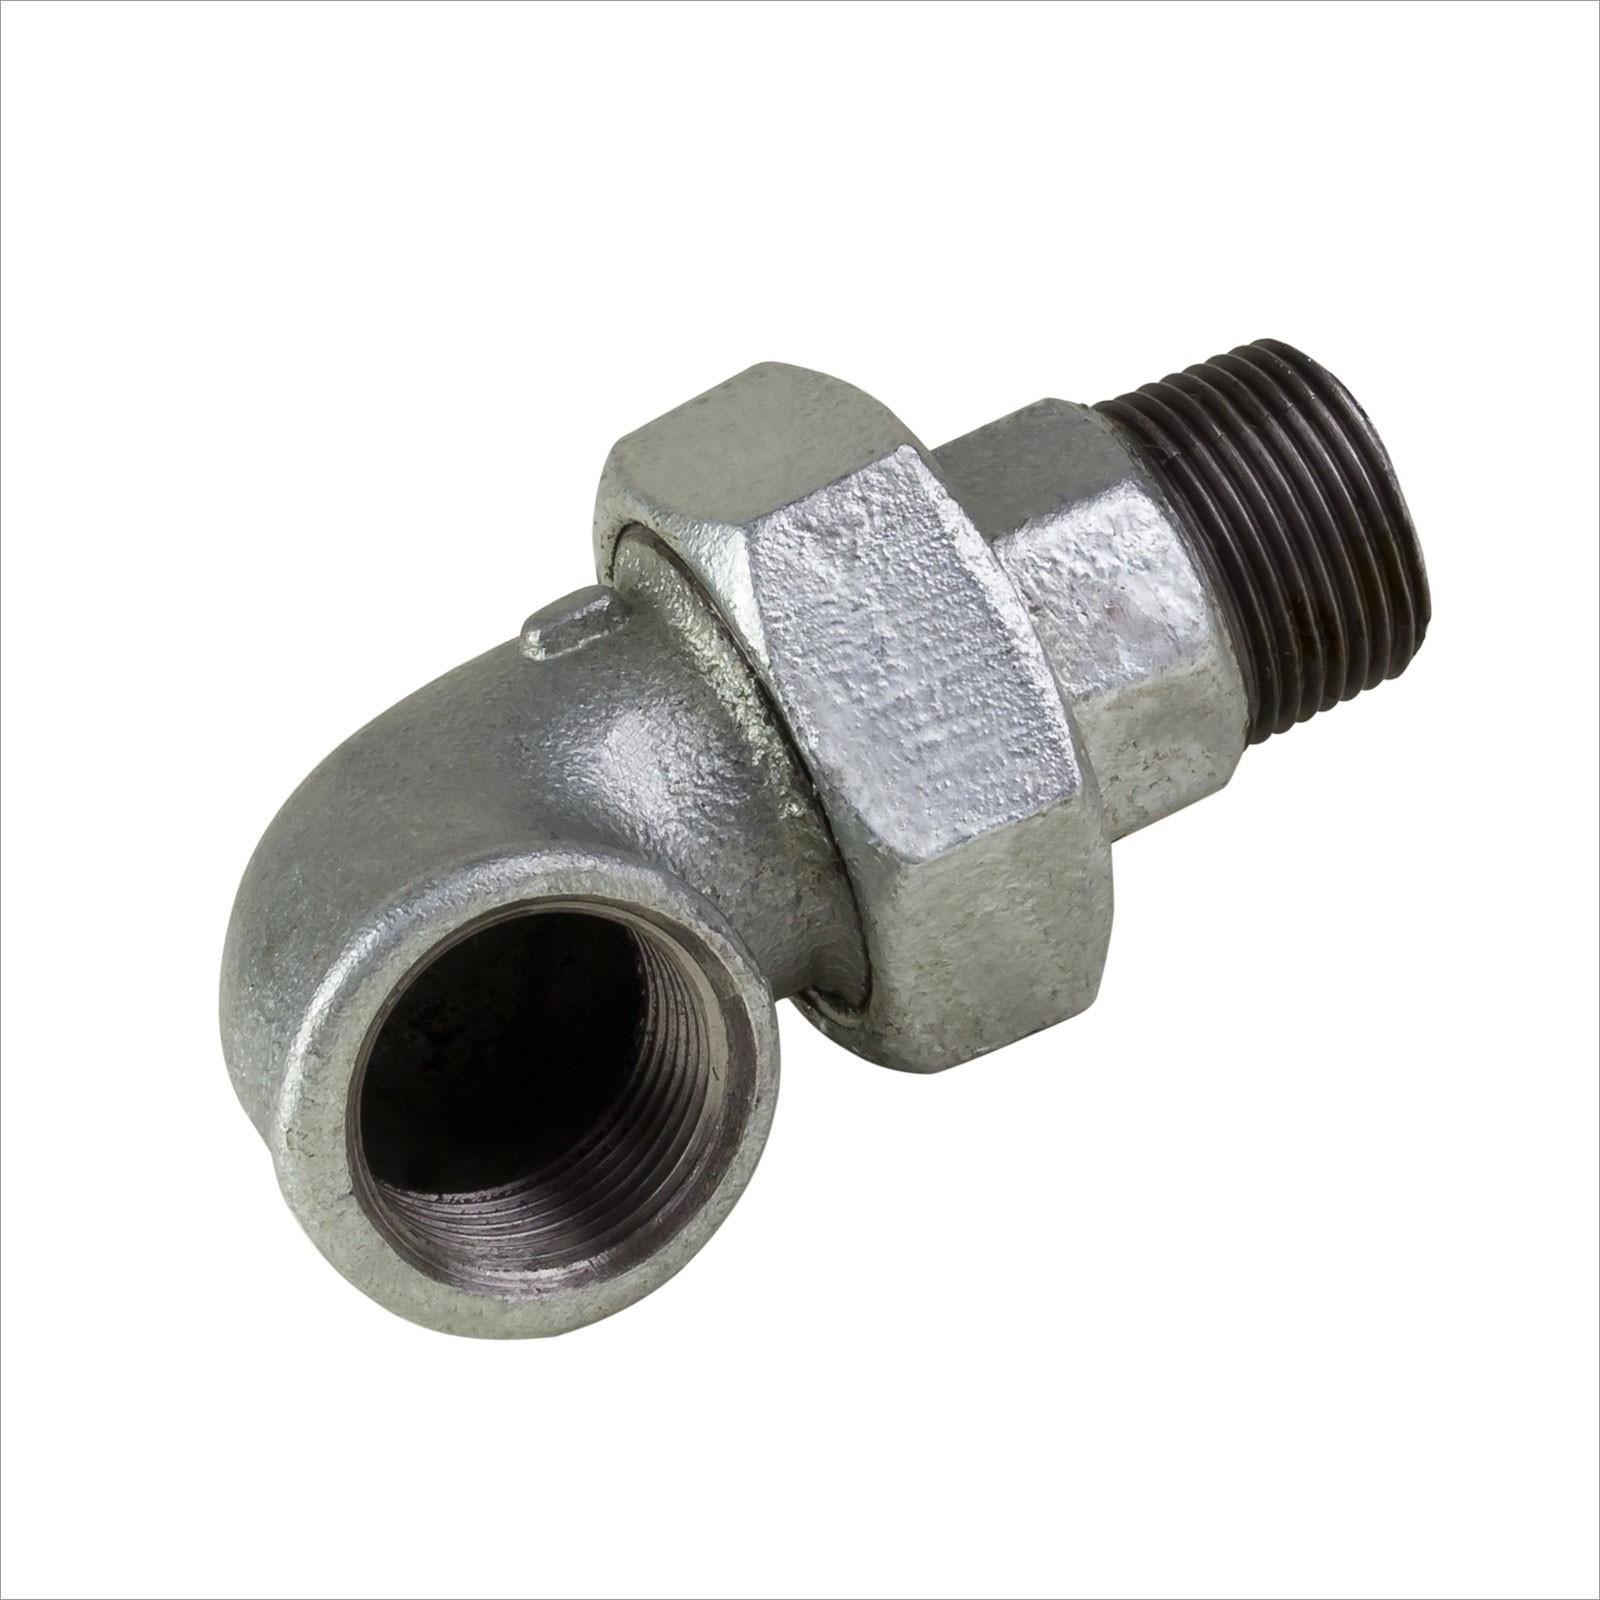 Rohr Winkelverschraubung 1/2 Zoll IG/AG verzinkt mit Dichtung